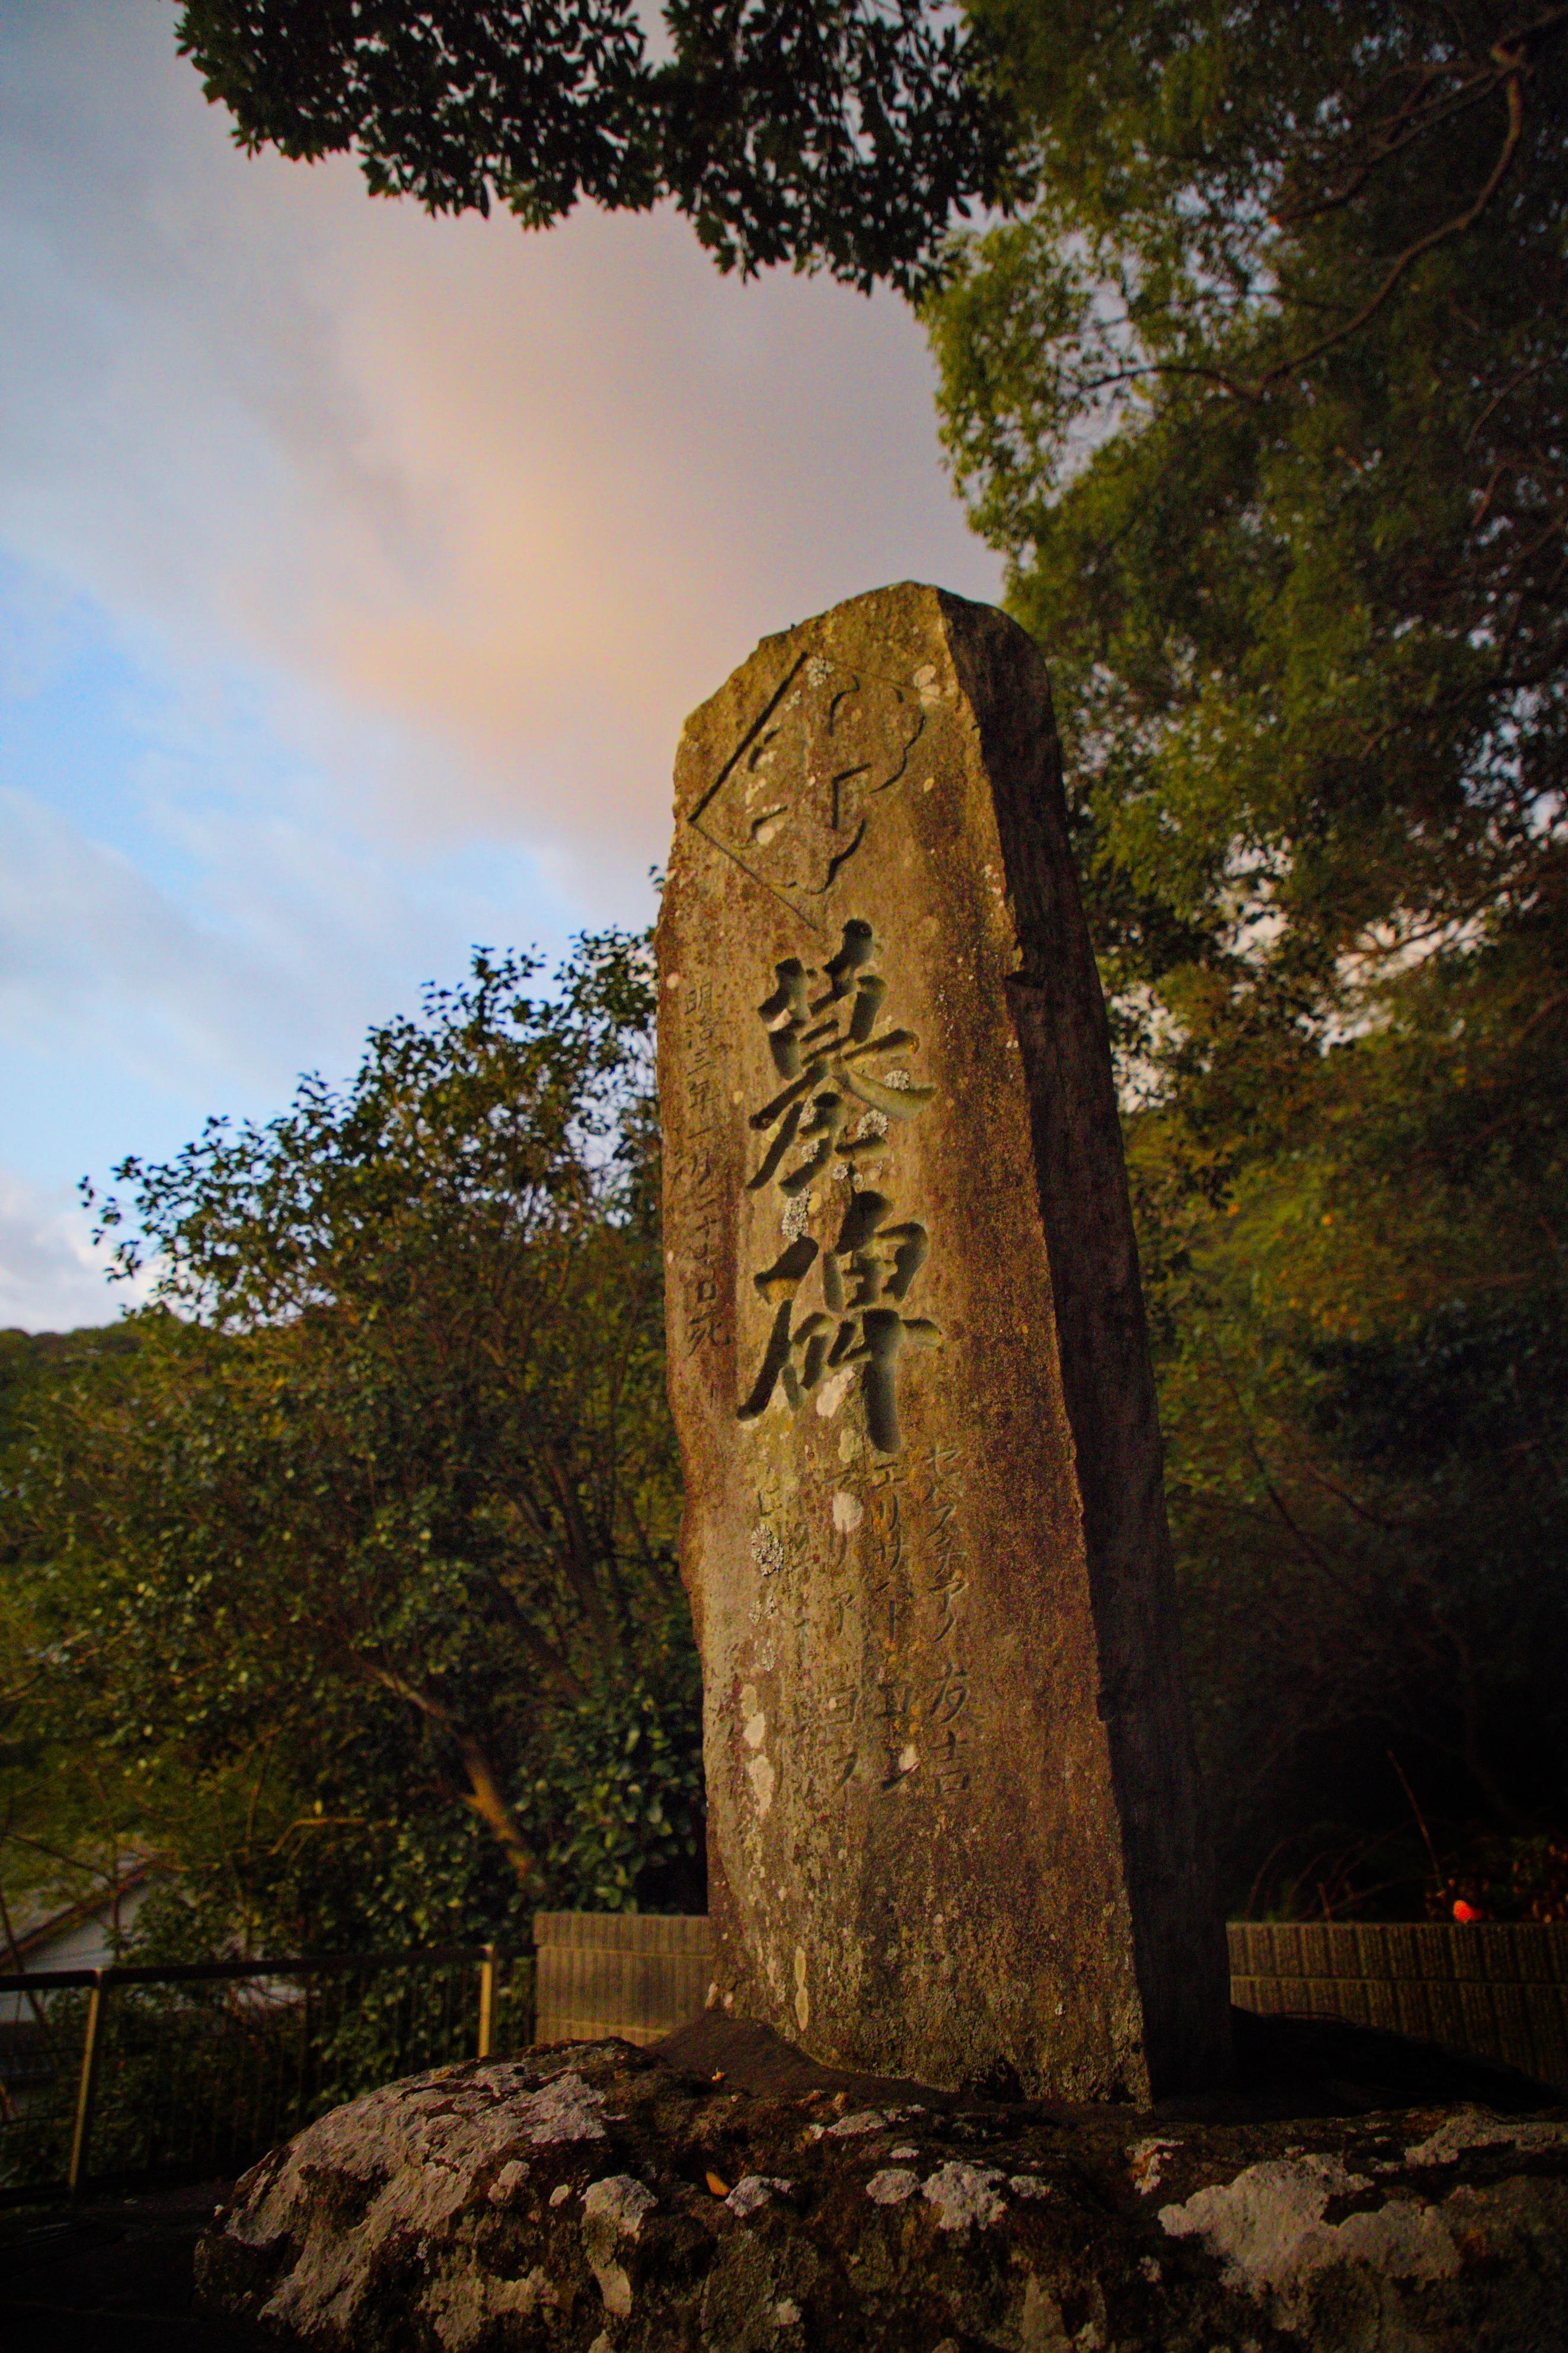 五島列島・中通島。鯛ノ浦にある「六人斬り」犠牲者の墓碑=長崎県新上五島町